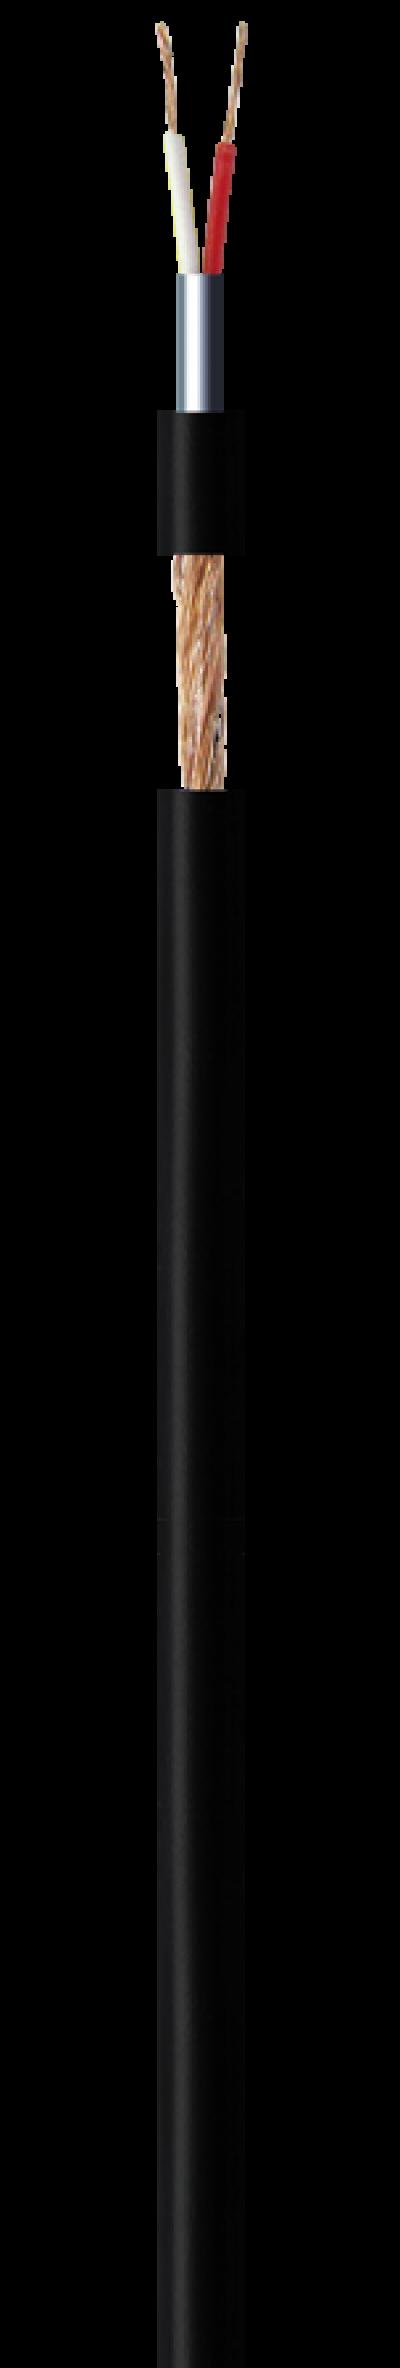 Detalhes do produto Cabo Microfone Stereo - Condutti